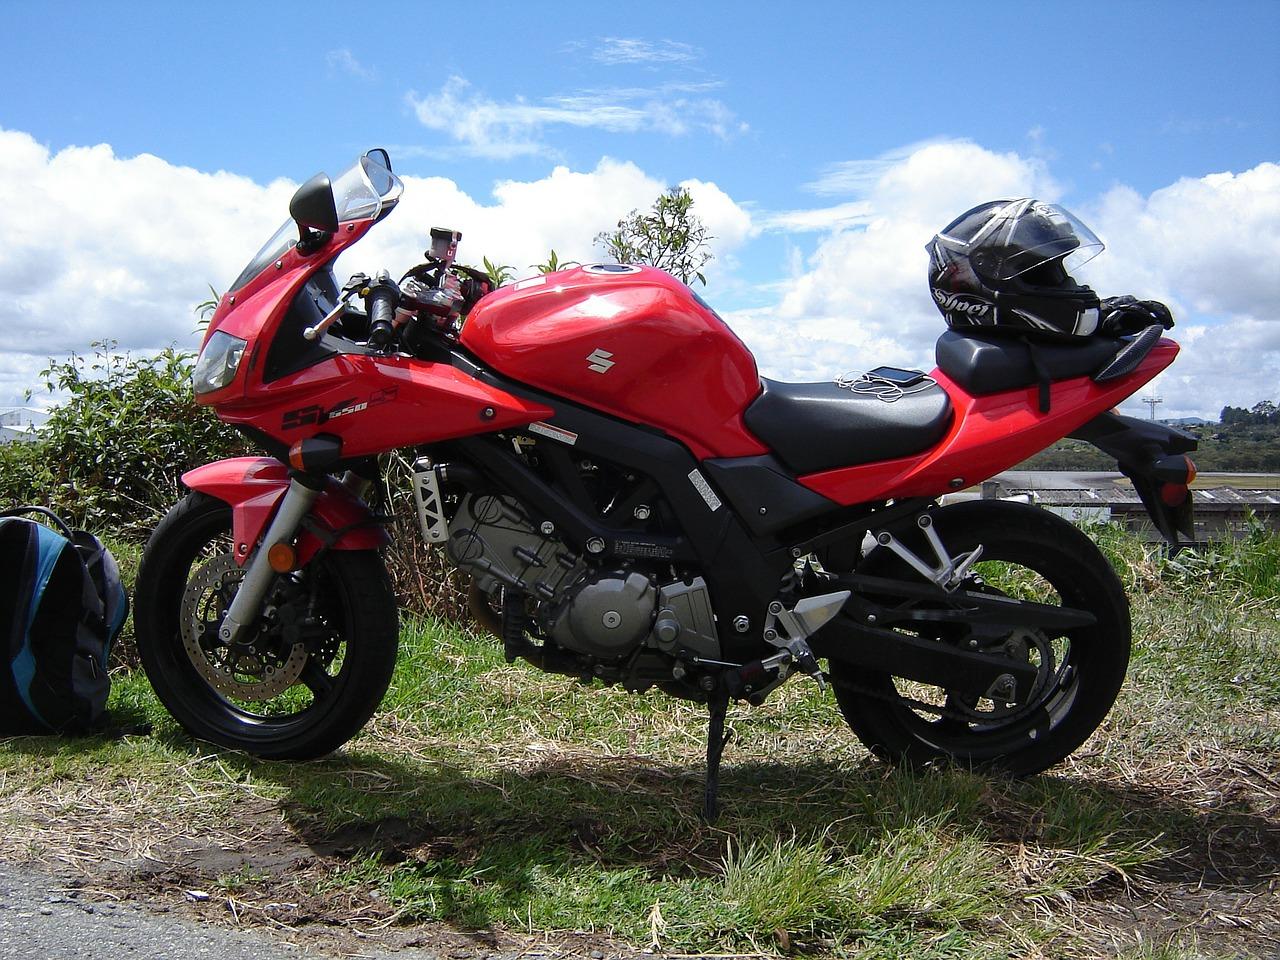 Die Topseller unter den Motorradmarken weltweit